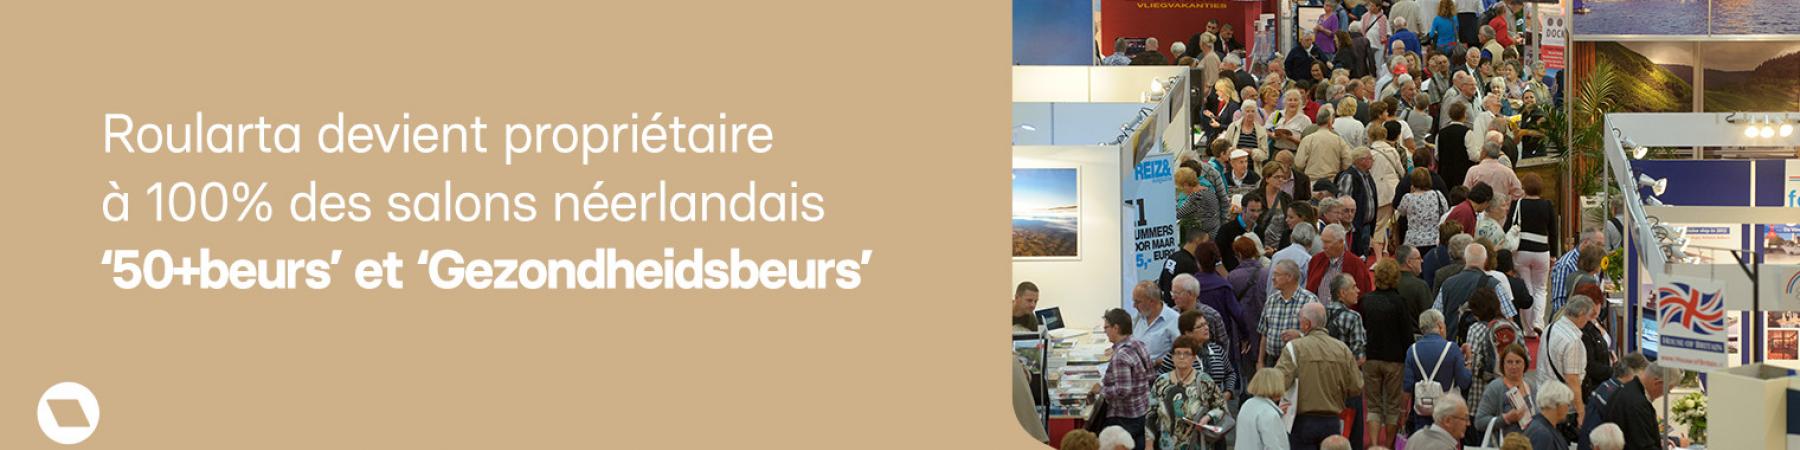 Roularta devient proprietaire a 100% des salons néerlandais '50+beurs' et 'gezondheidsbeurs'